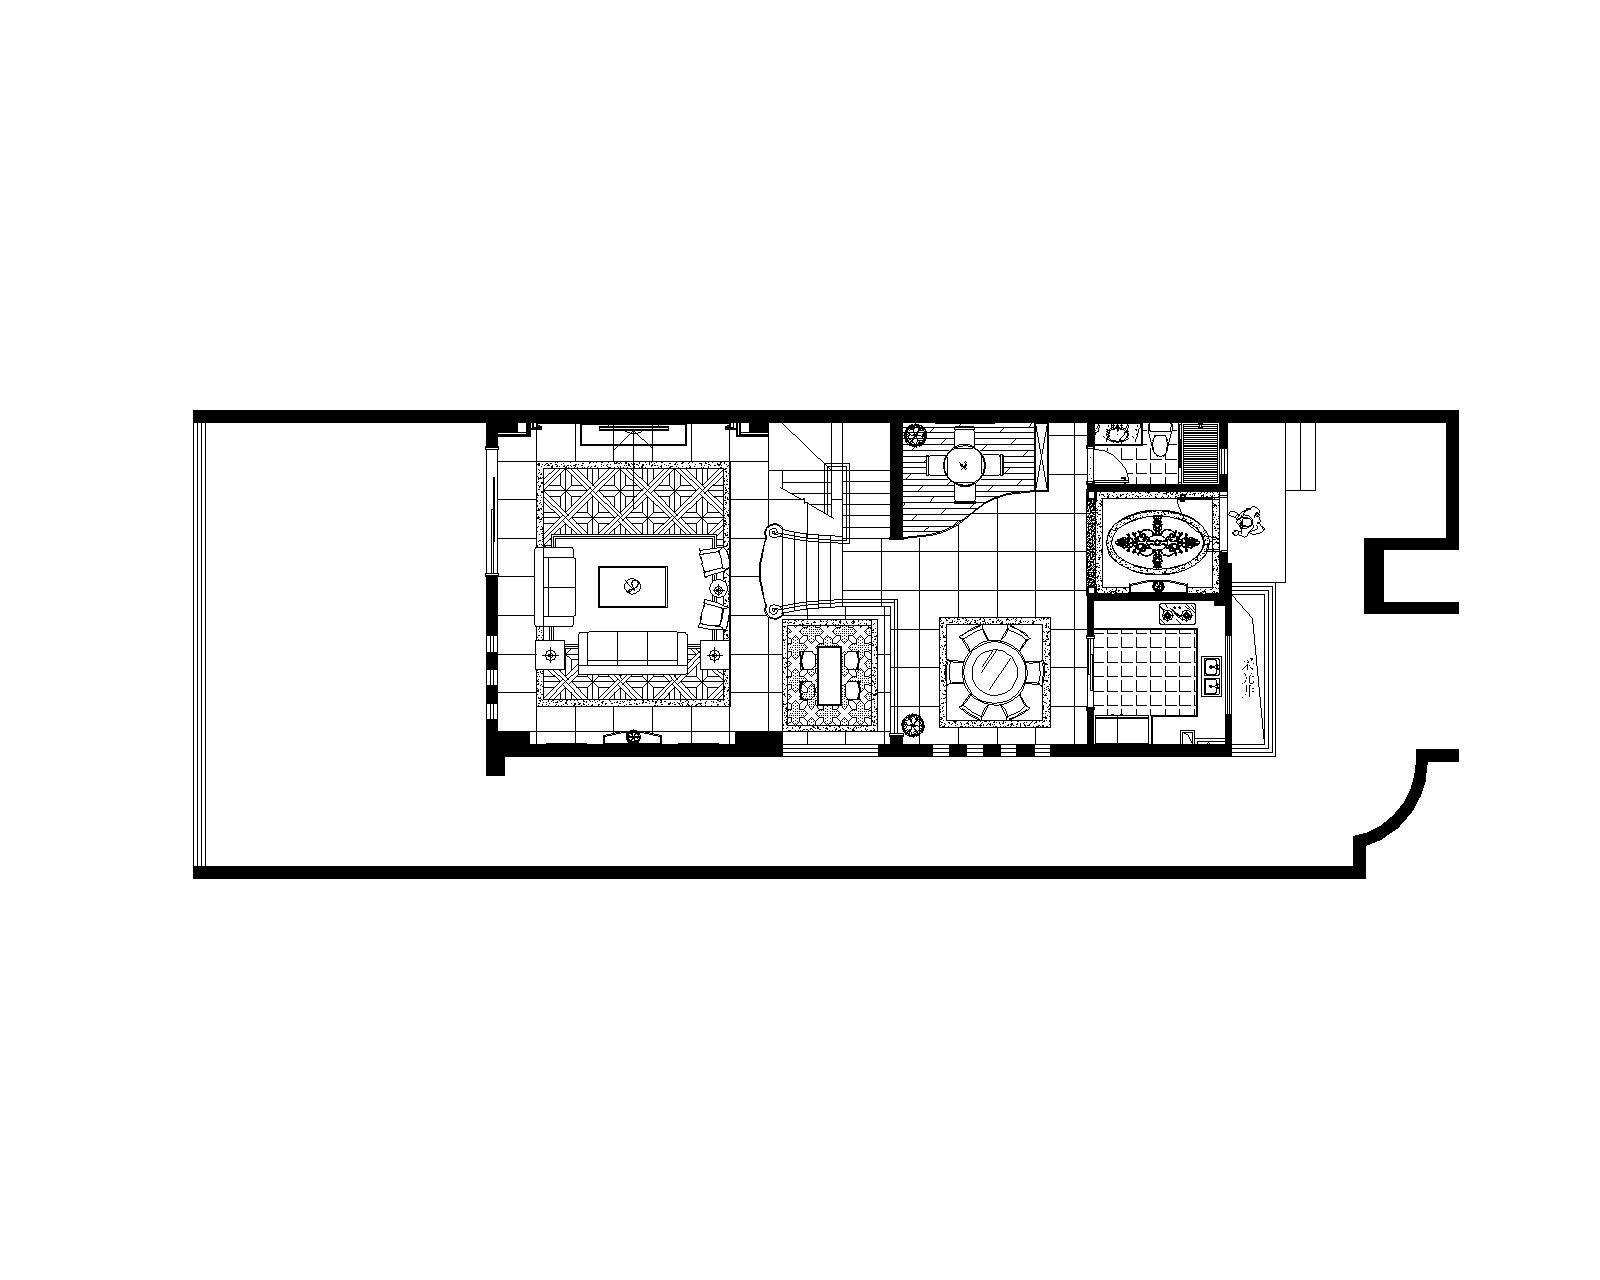 金山谷 新房装修 公寓装修 实创装饰 老房装修 装修报价 户型图图片来自广州-实创装饰在金山谷的分享